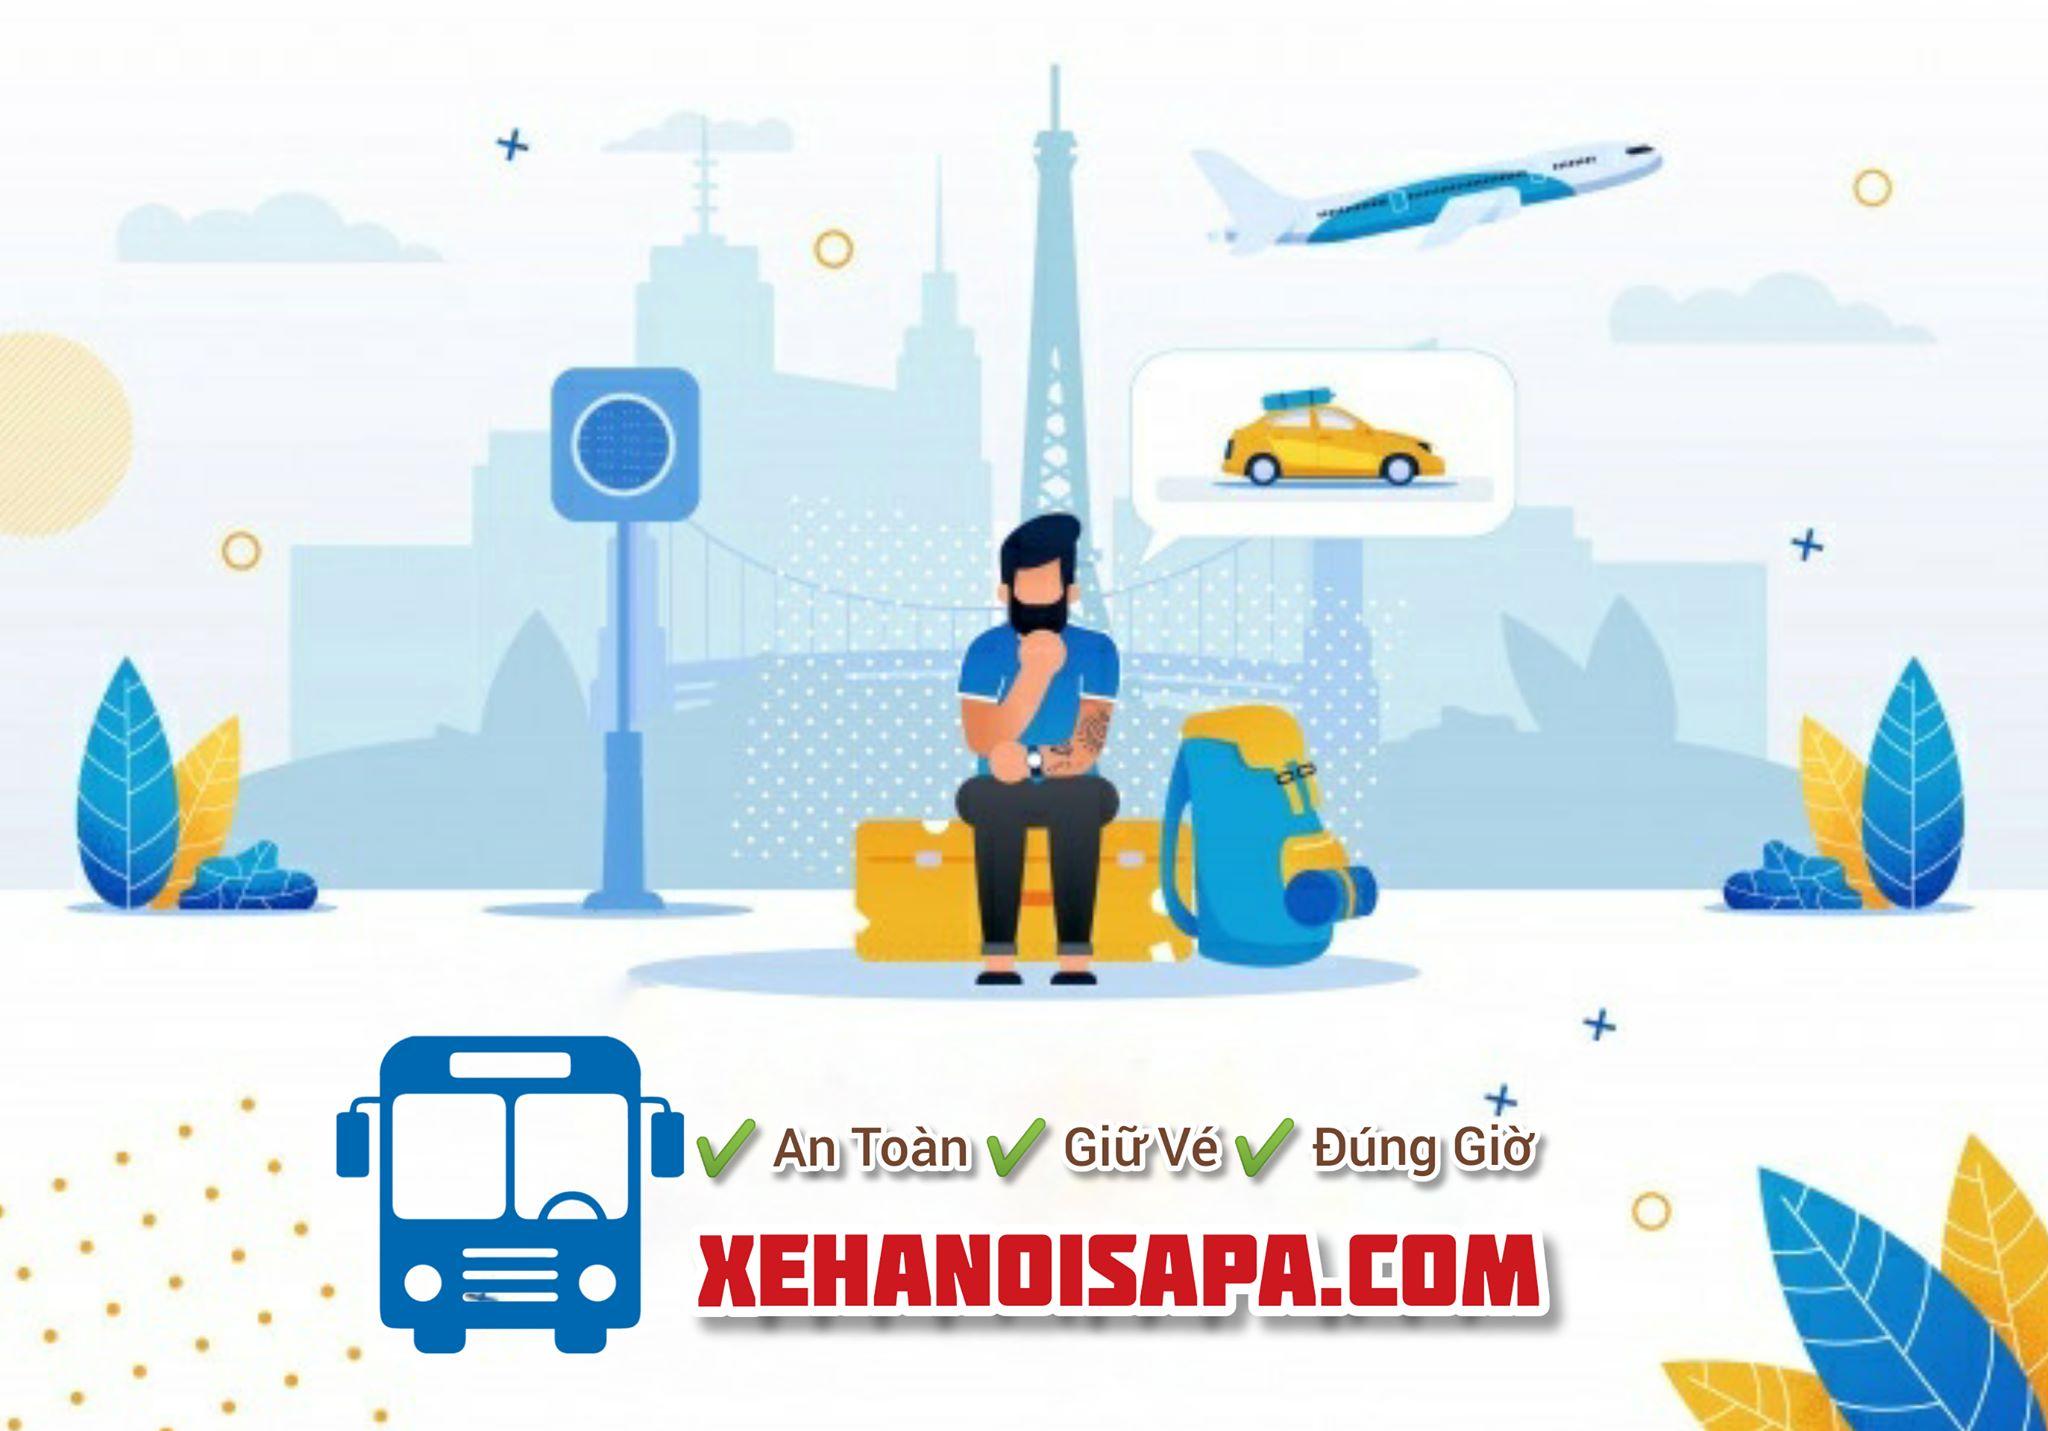 Hãng xe Green Bus - Booking nhanh chóng tại Xehanoisapa.com